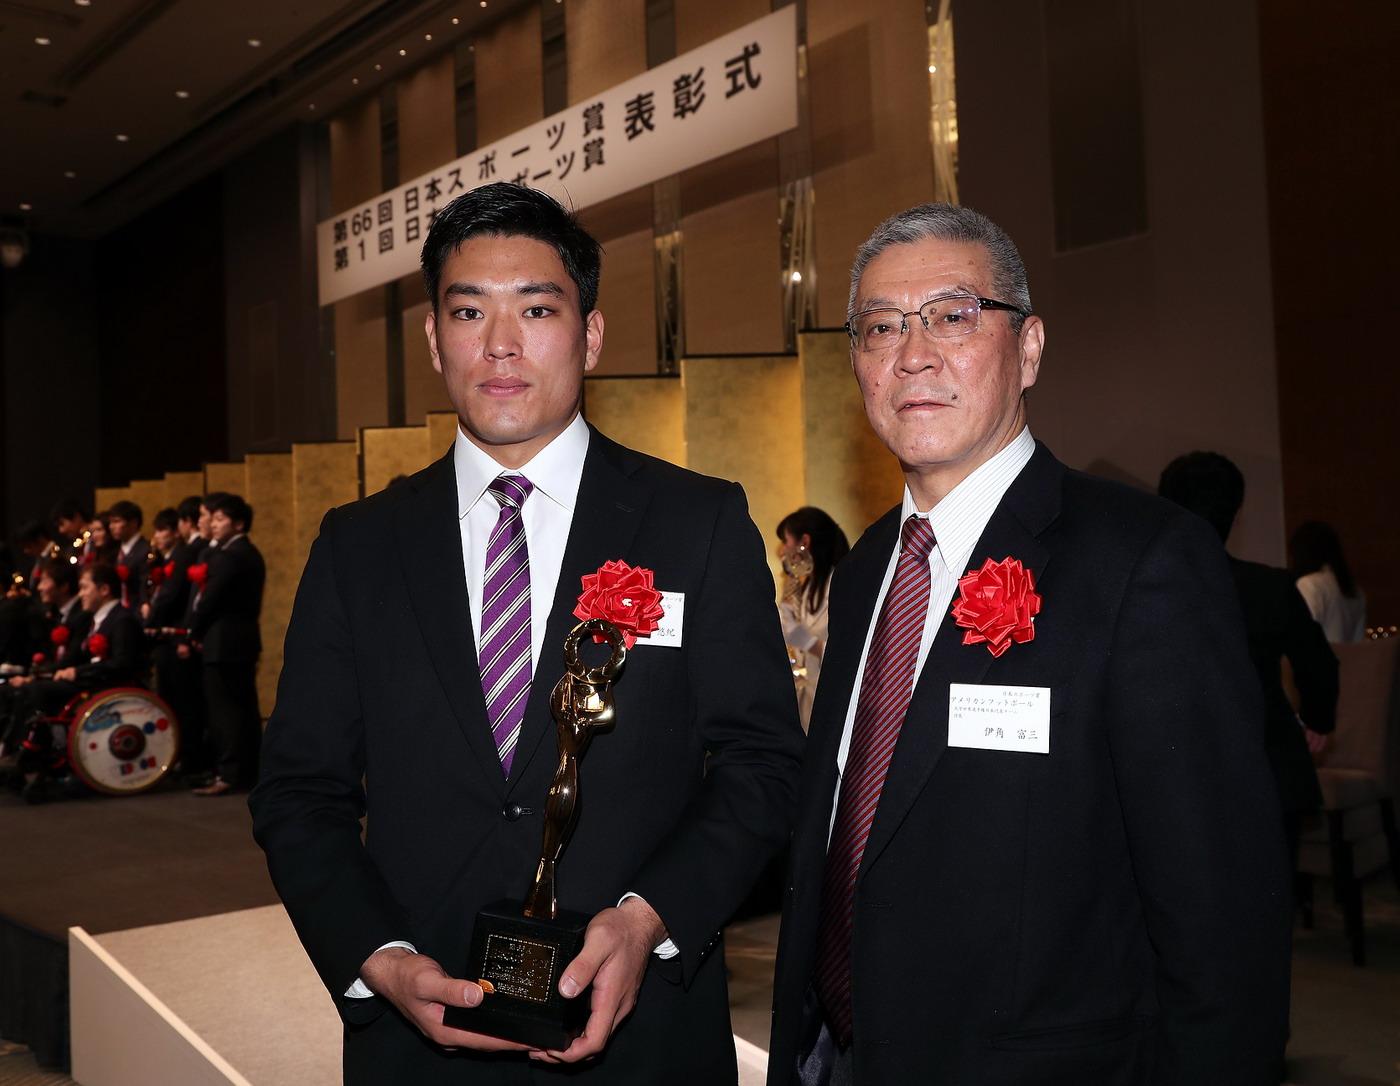 世界大学選手権日本代表チーム「第66回日本スポーツ賞」を受賞